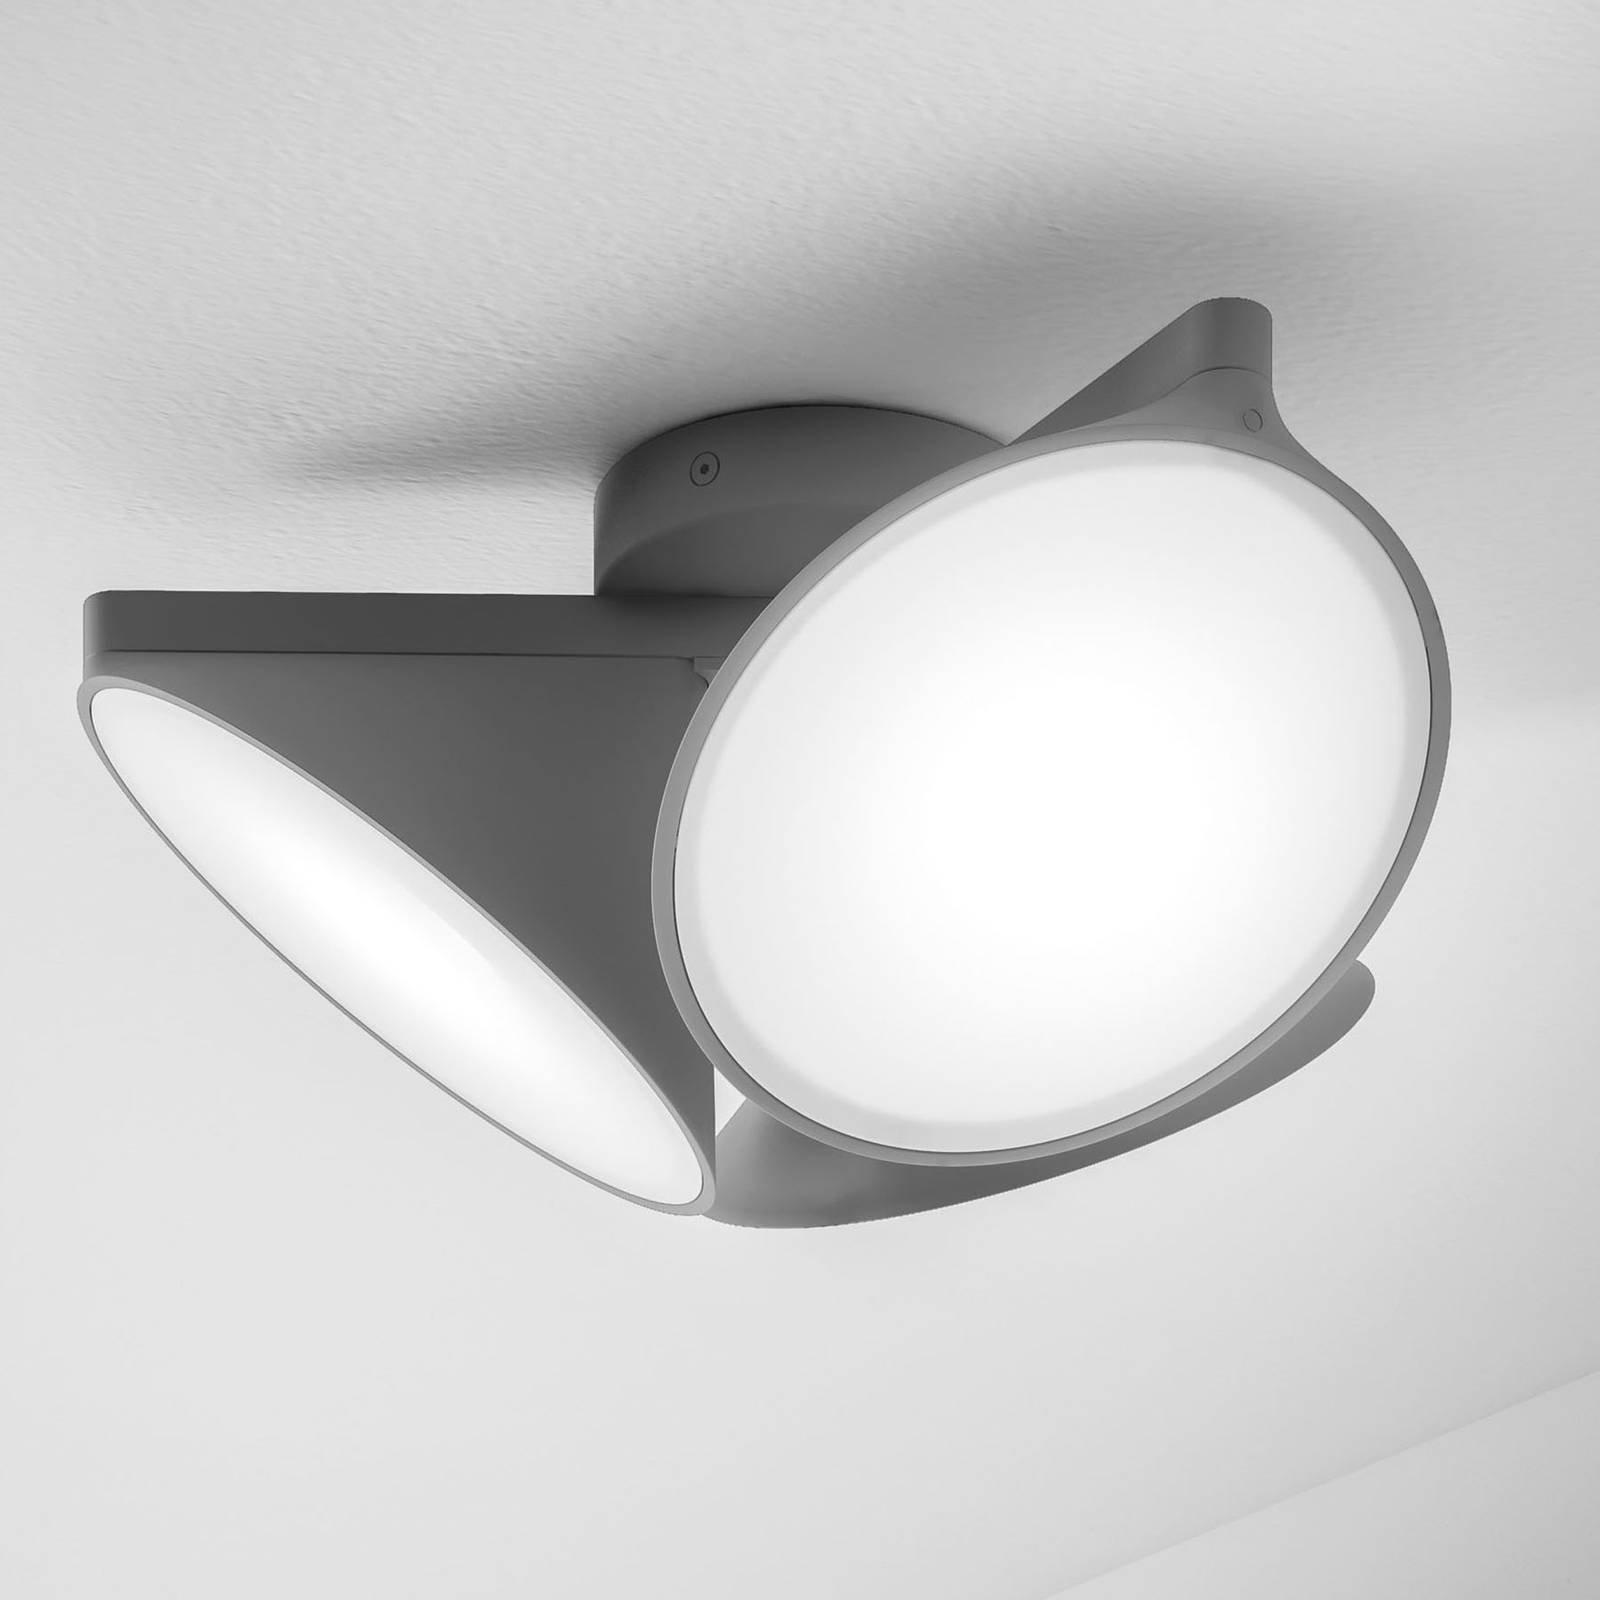 Axolight Orchid LED-taklampe, mørkegrå